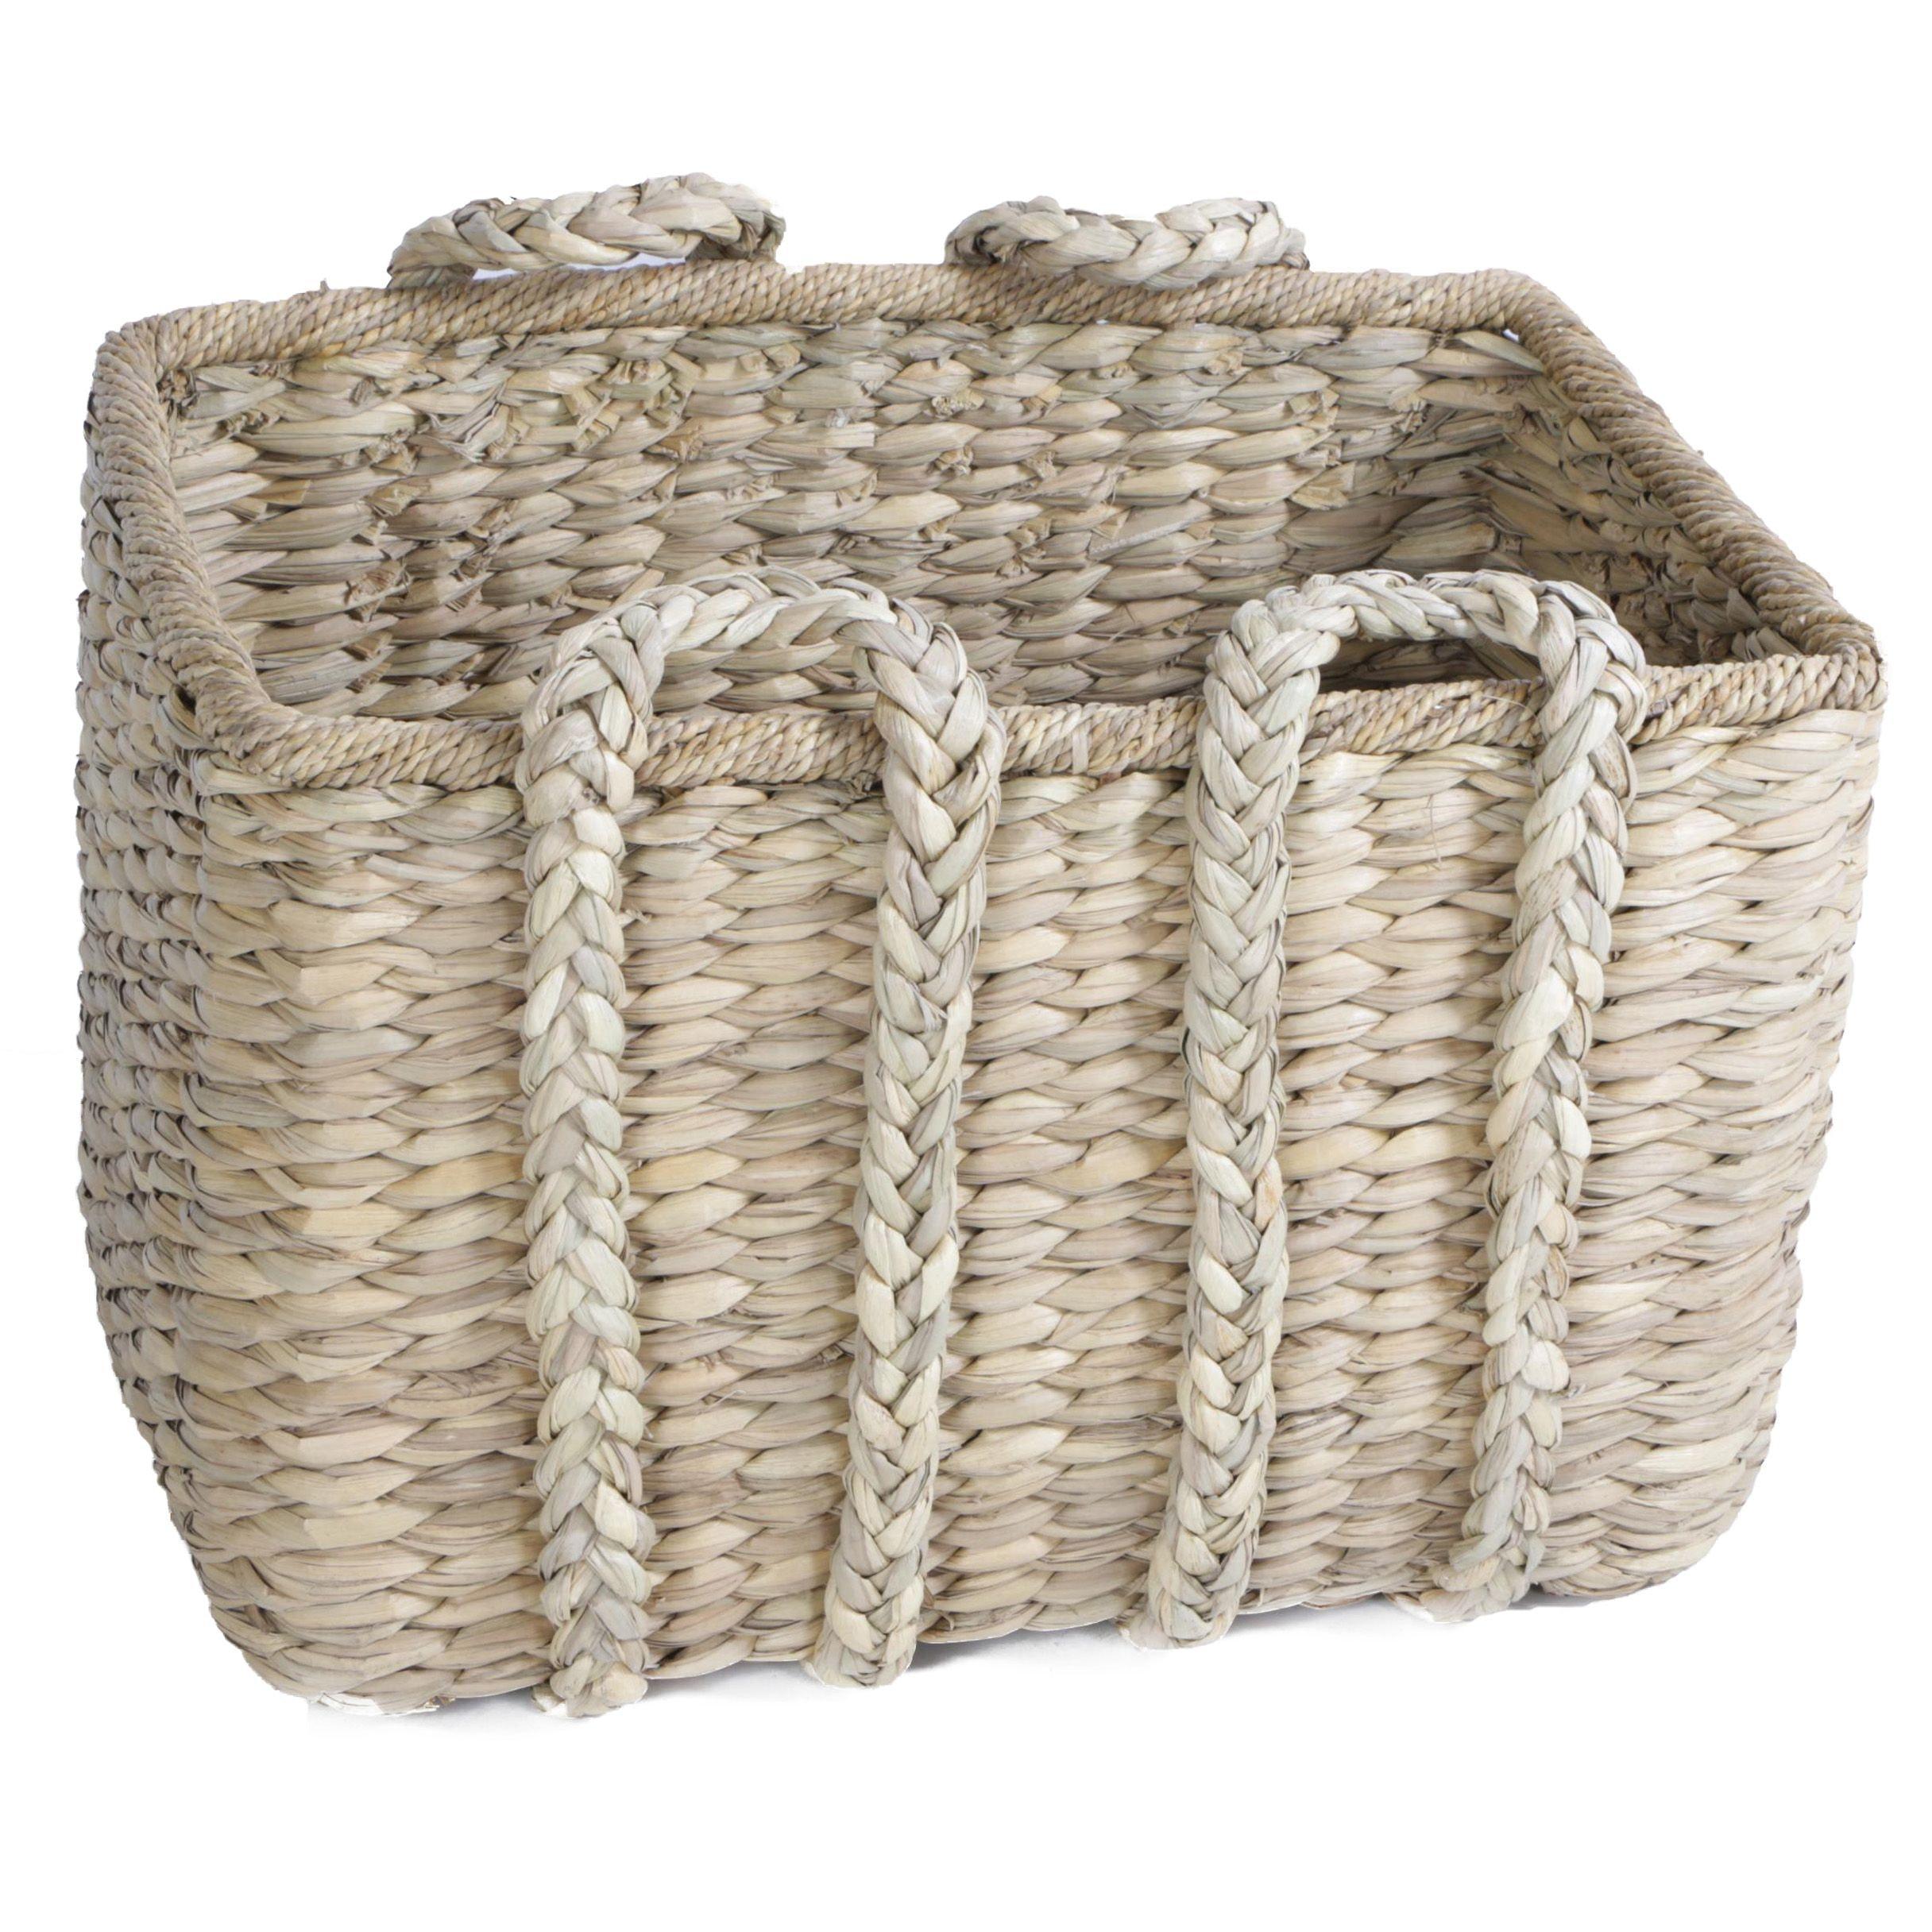 Woven Wicker Floor Basket